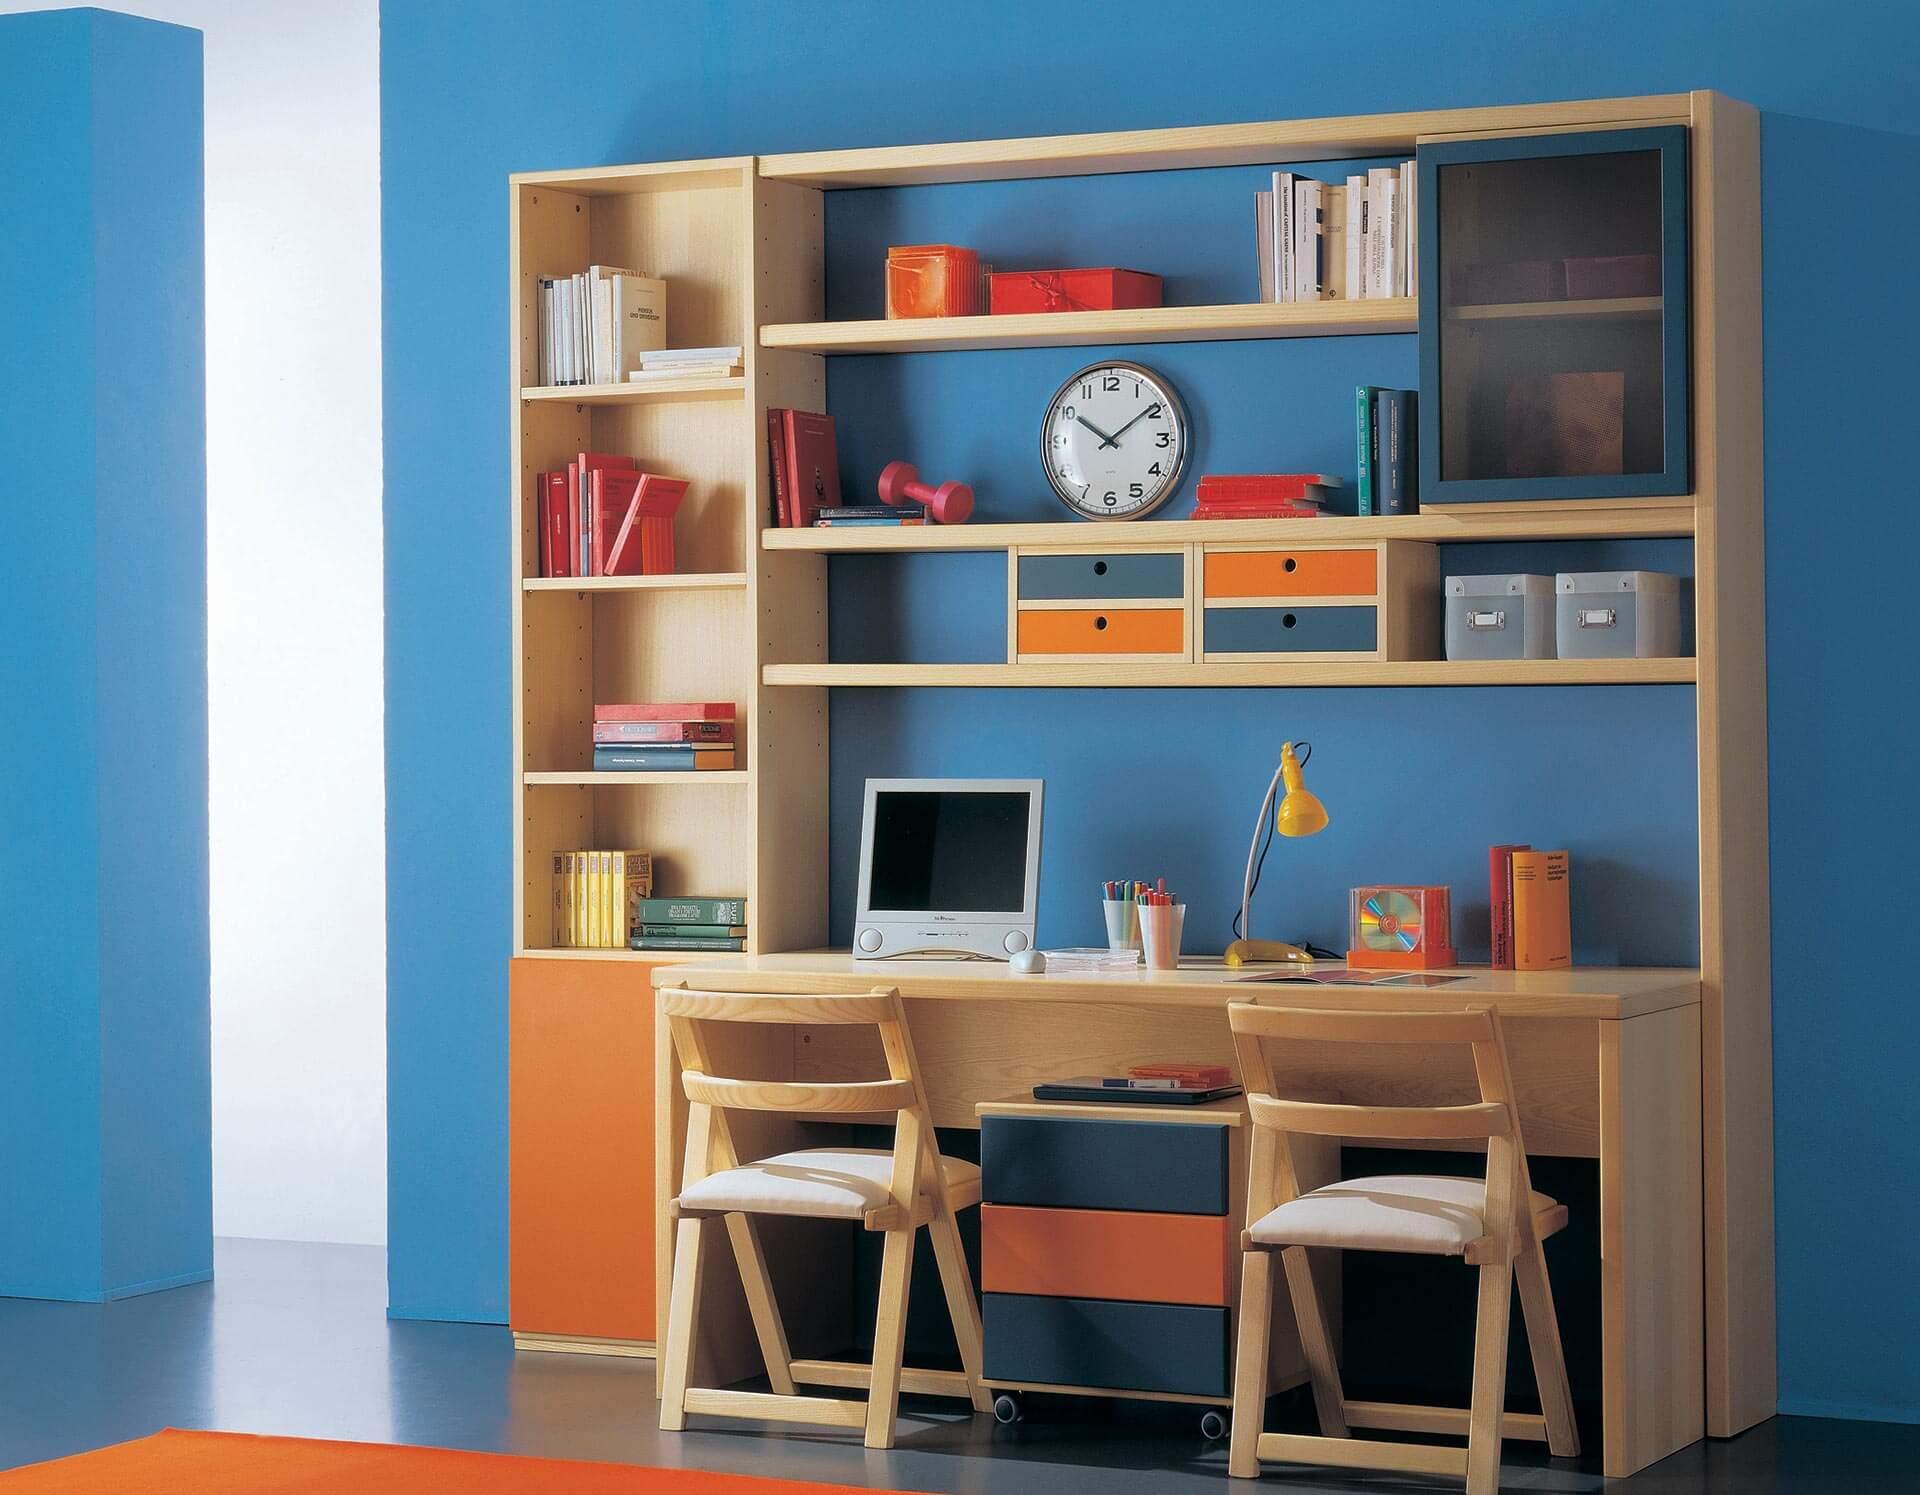 Camera con letto castello e scaletta contenitore marzorati for Libreria cameretta ikea